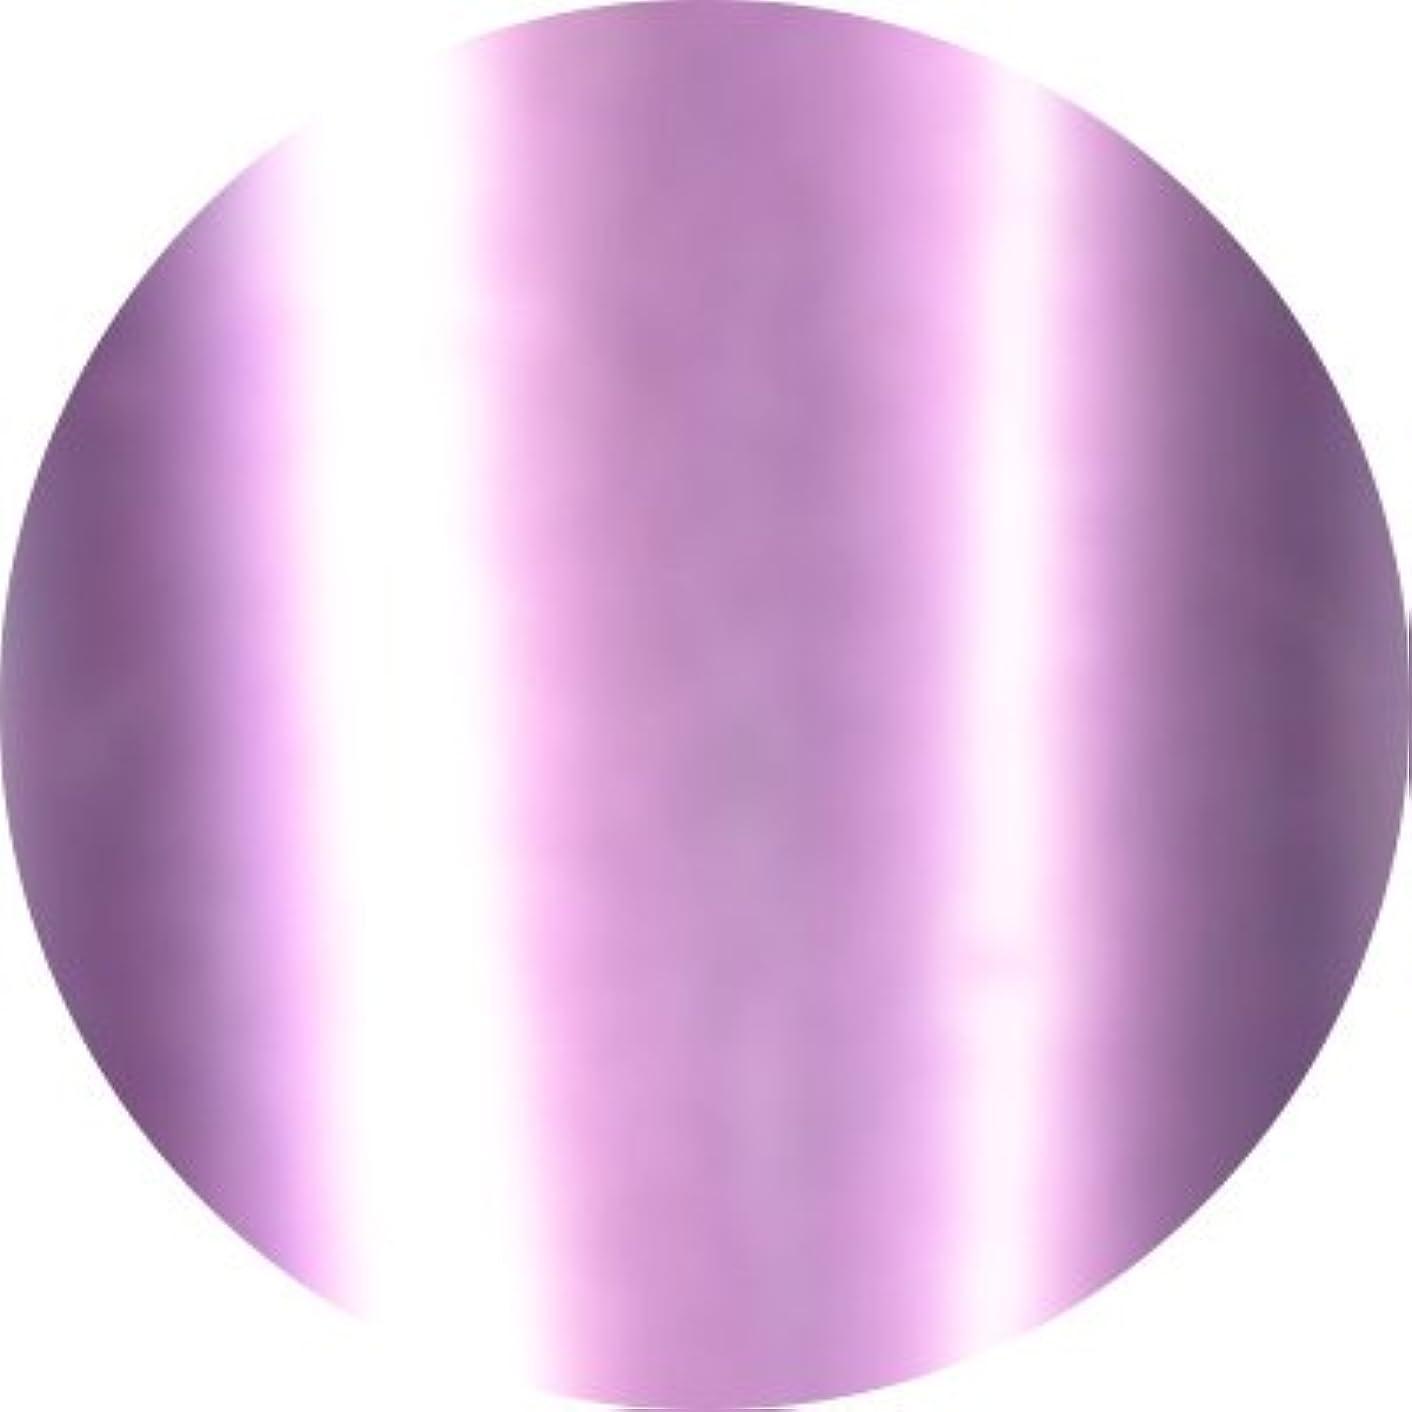 フルーツ野菜靴下以来Jewelry jel(ジュエリージェル) カラージェル 5ml<BR>メタリック MT023